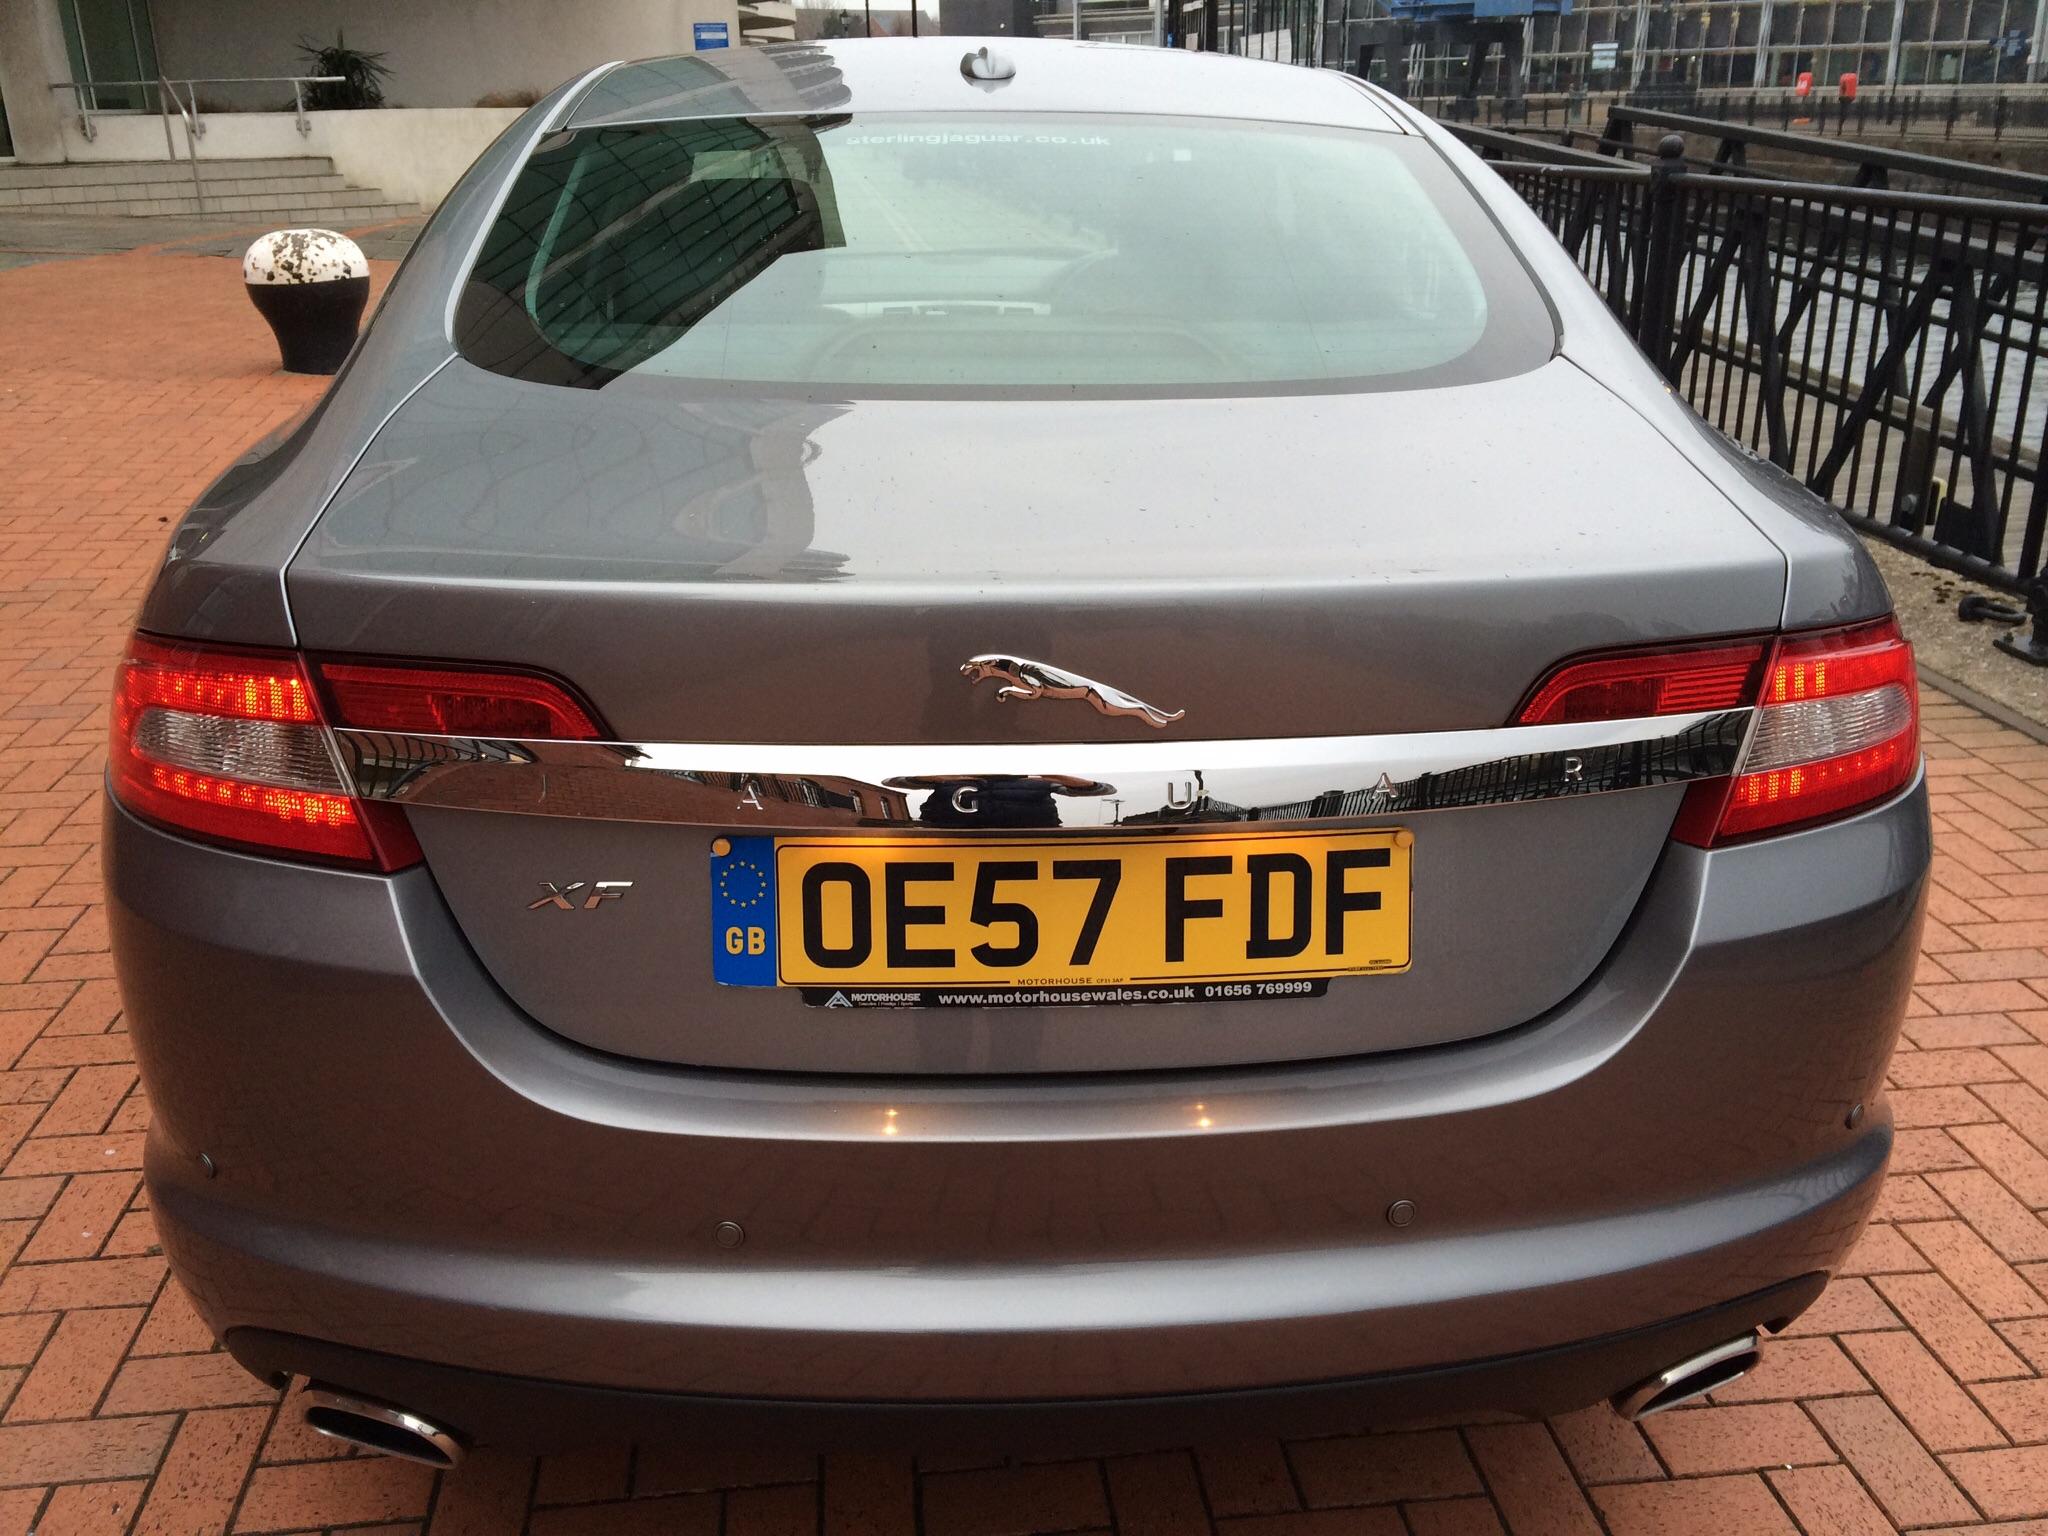 2008 Jaguar XF 2.7 TD Premium Luxury   Cardiff City Used ...